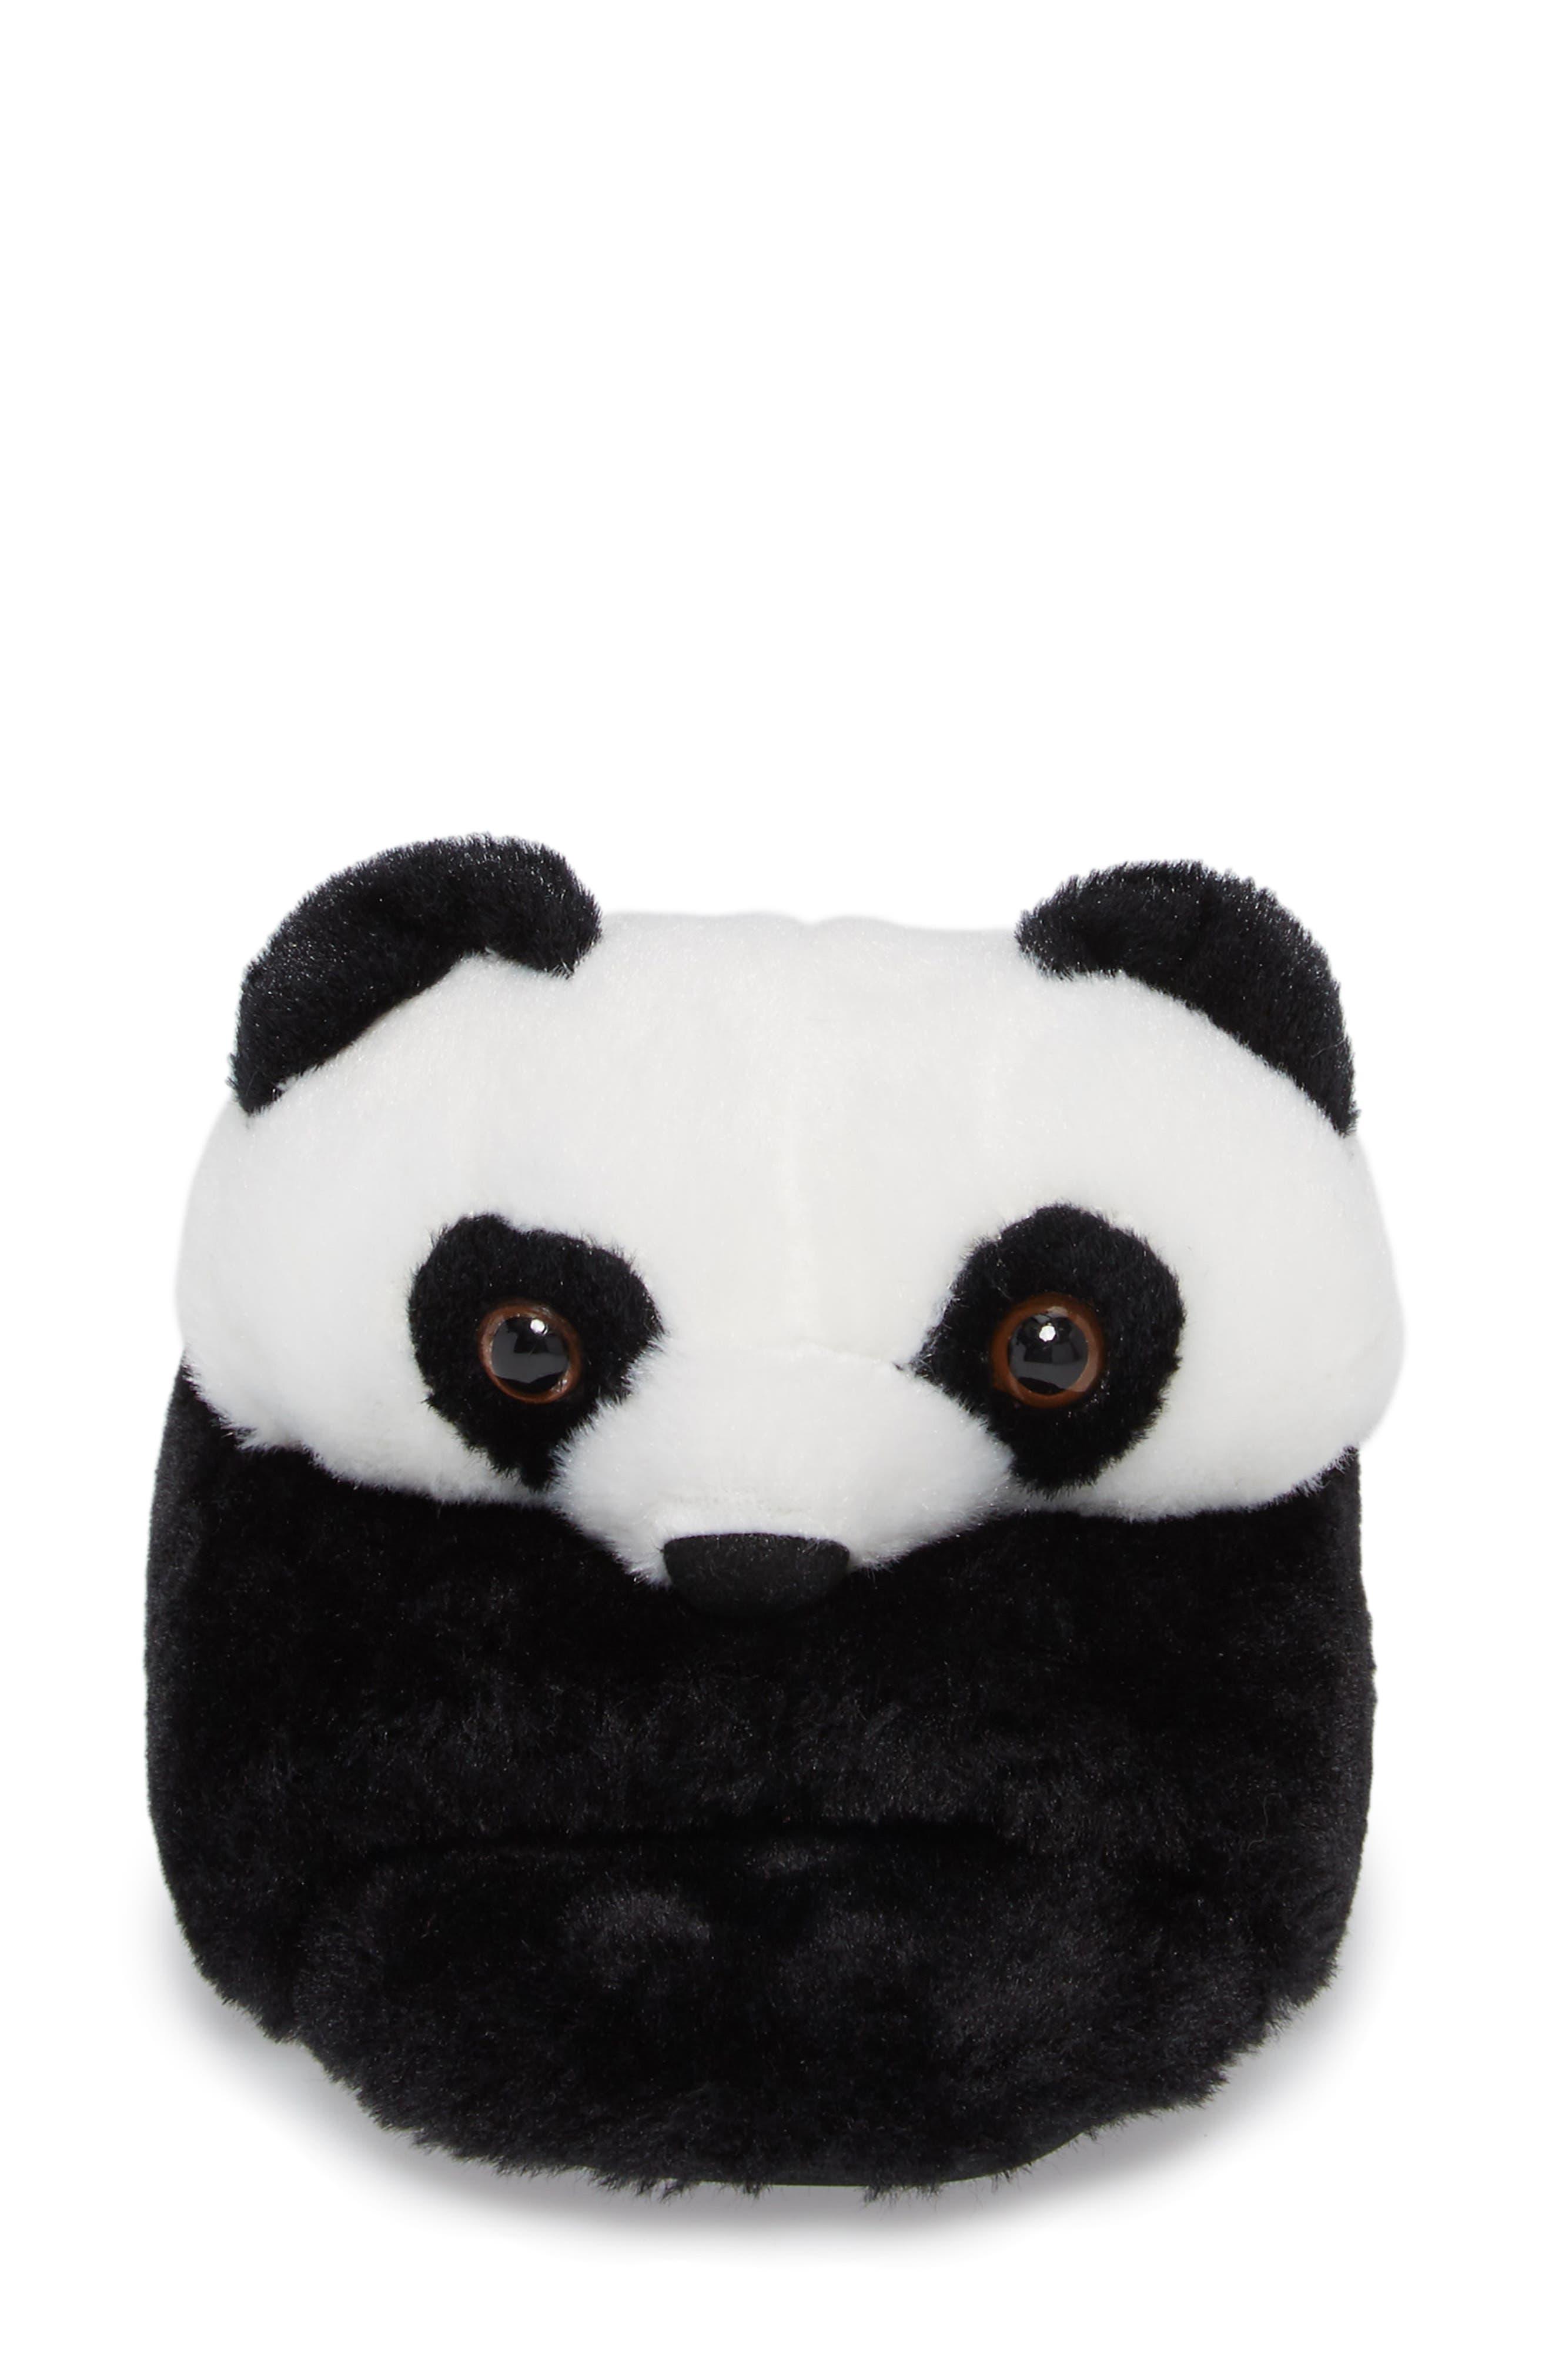 Plush Animal Slipper,                             Alternate thumbnail 4, color,                             Black Faux Fur